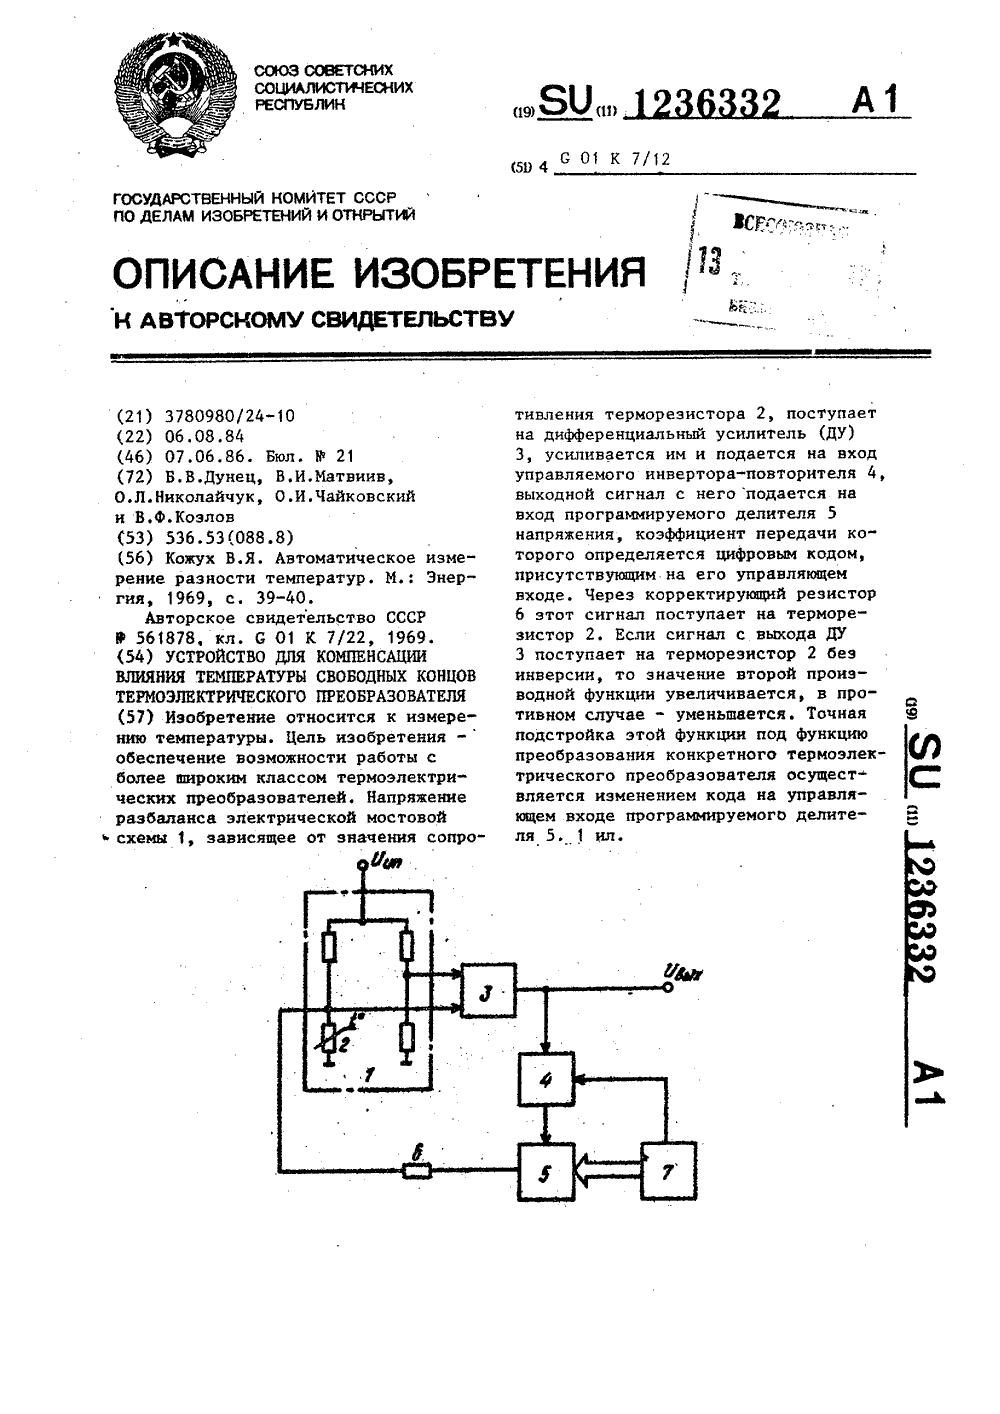 схема работы термоэлектрических устройств